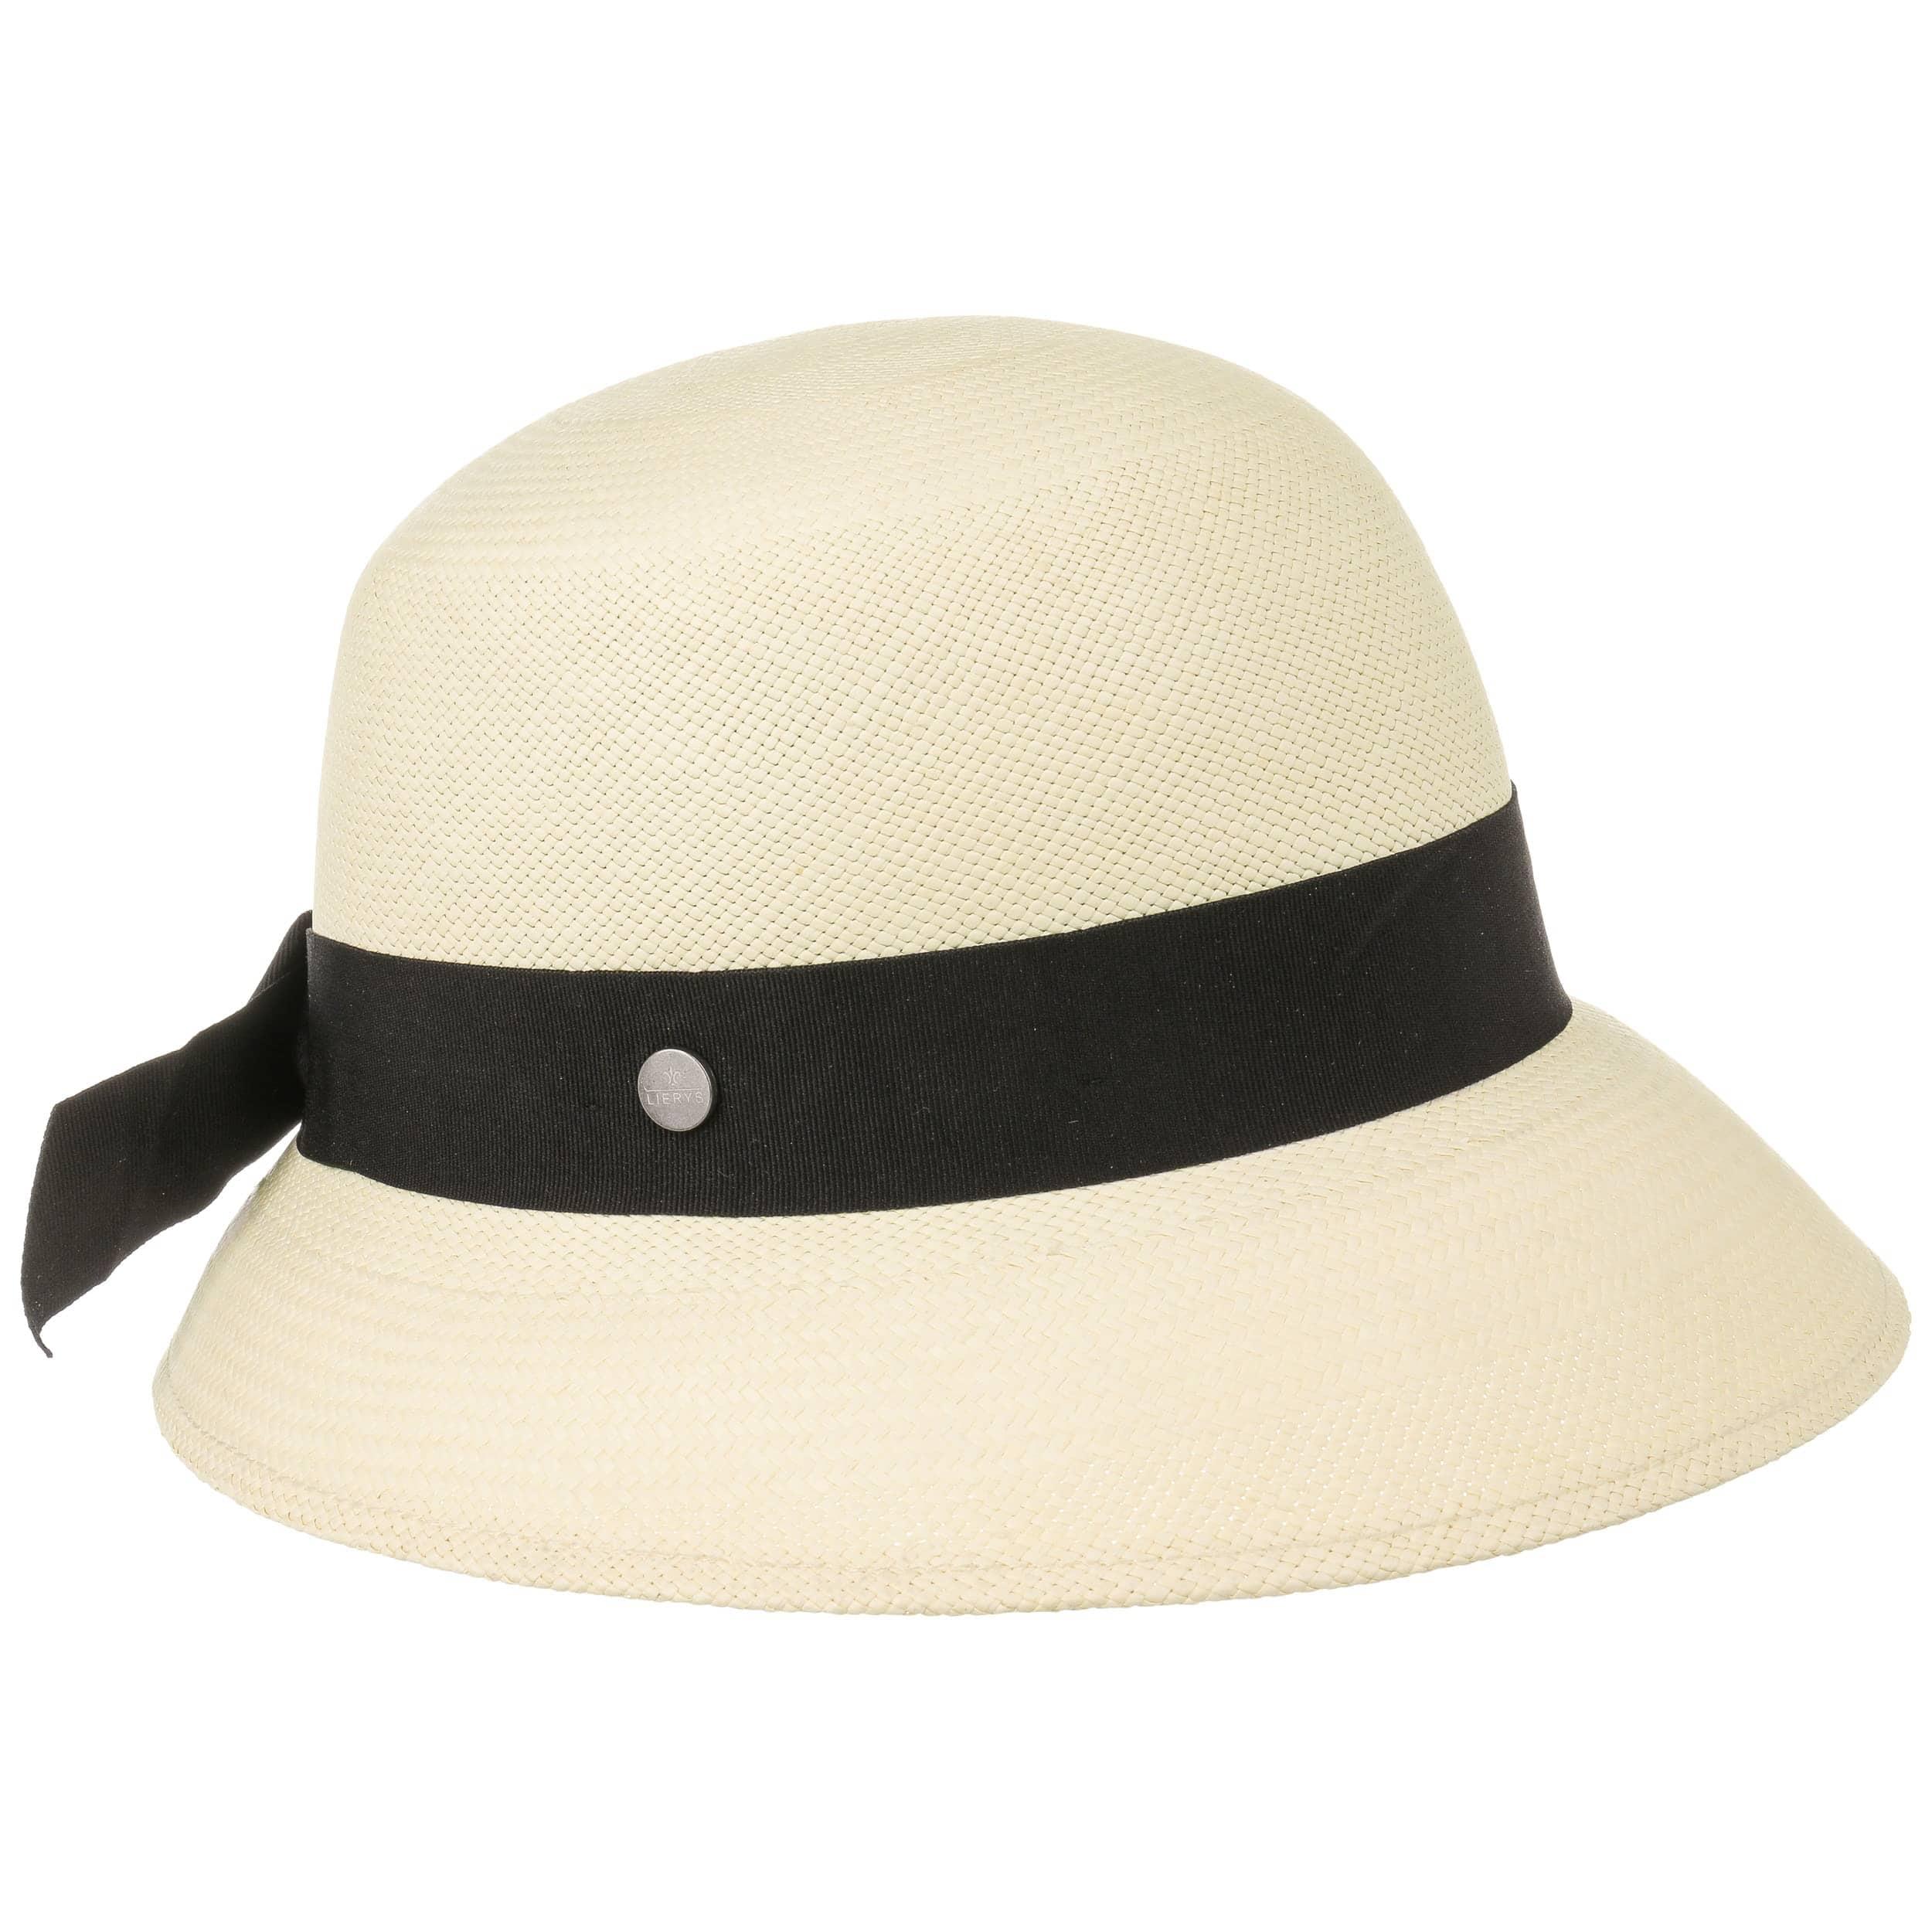 d34585087d8f2 Sombrero Cloché Panamá by Lierys - Sombreros - sombreroshop.es